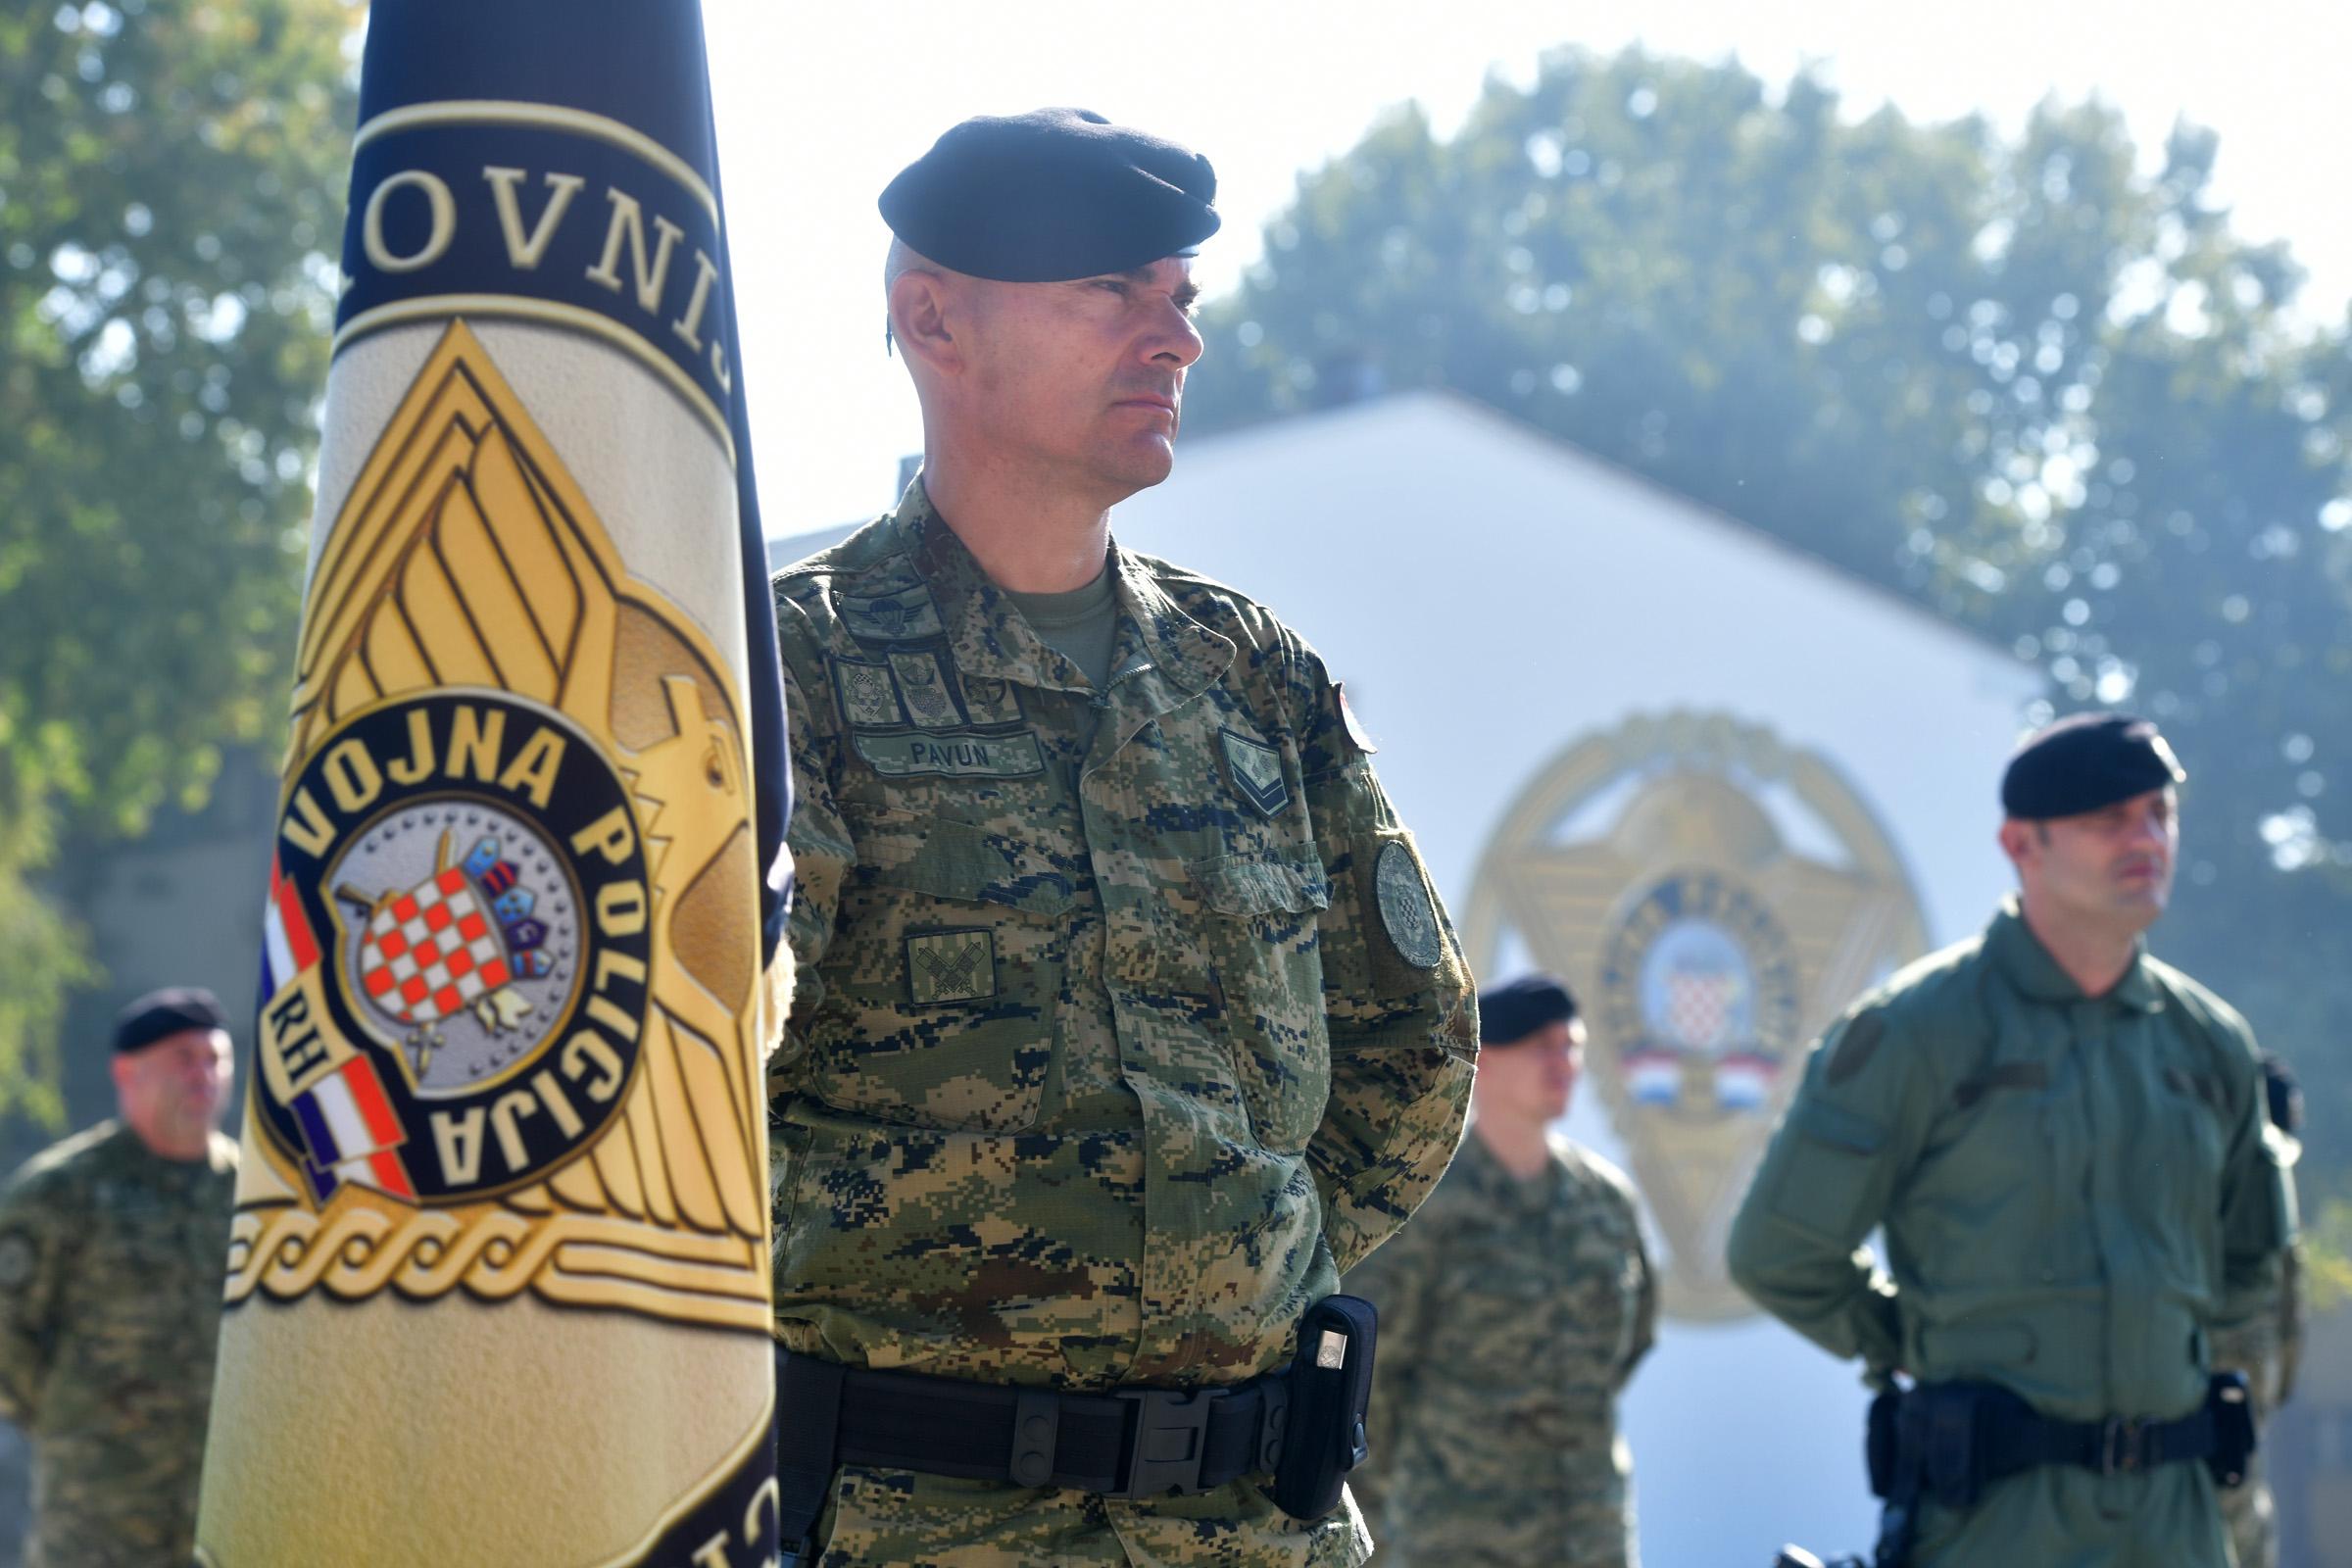 Primopredaja dužnosti zapovjednika Pukovnije vojne policije